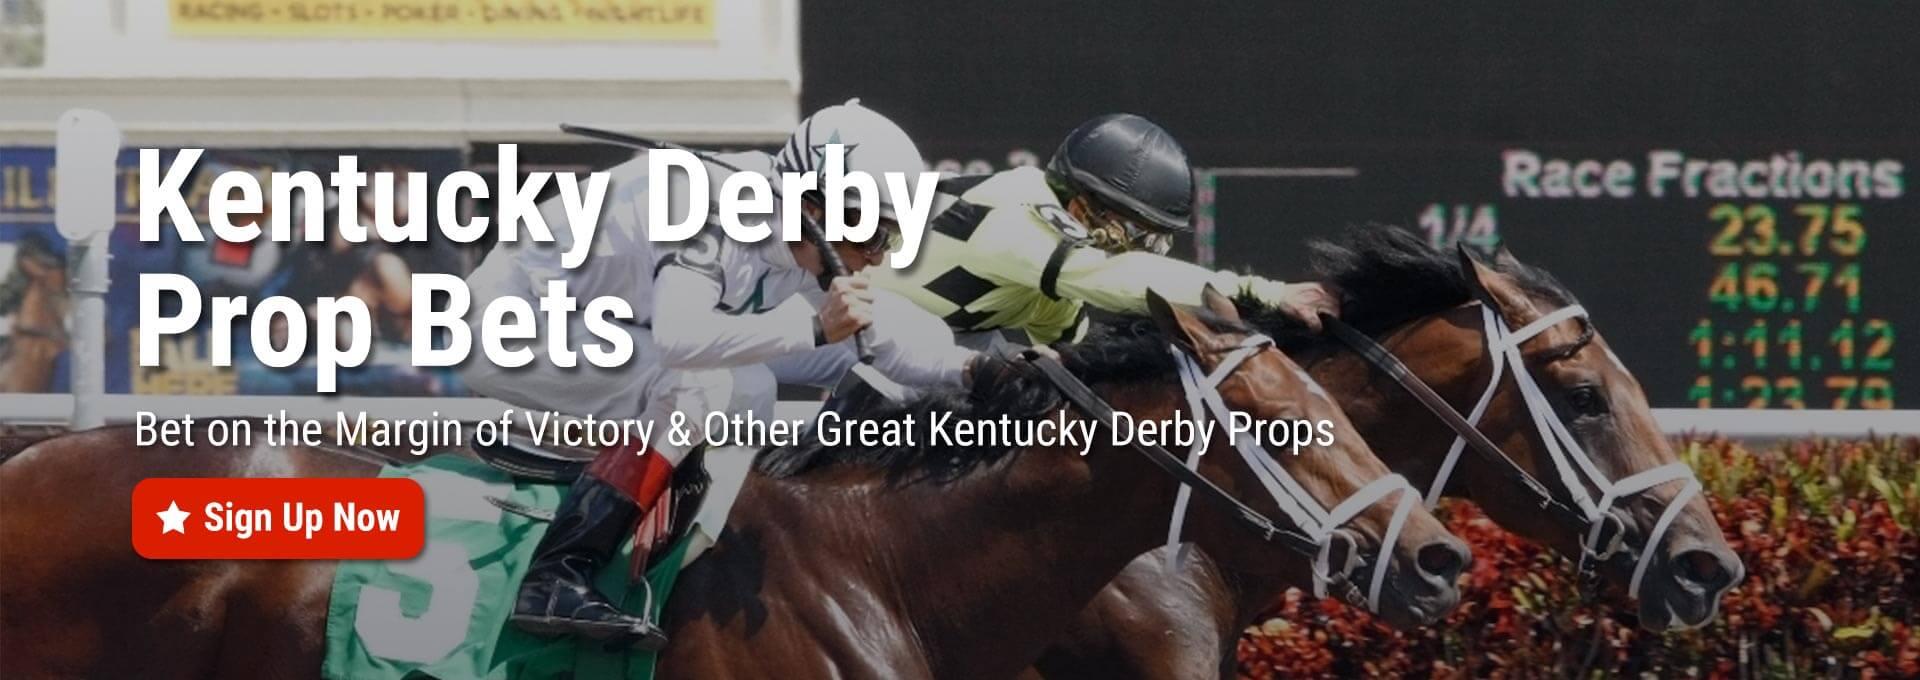 Kentucky Derby Betting Dates